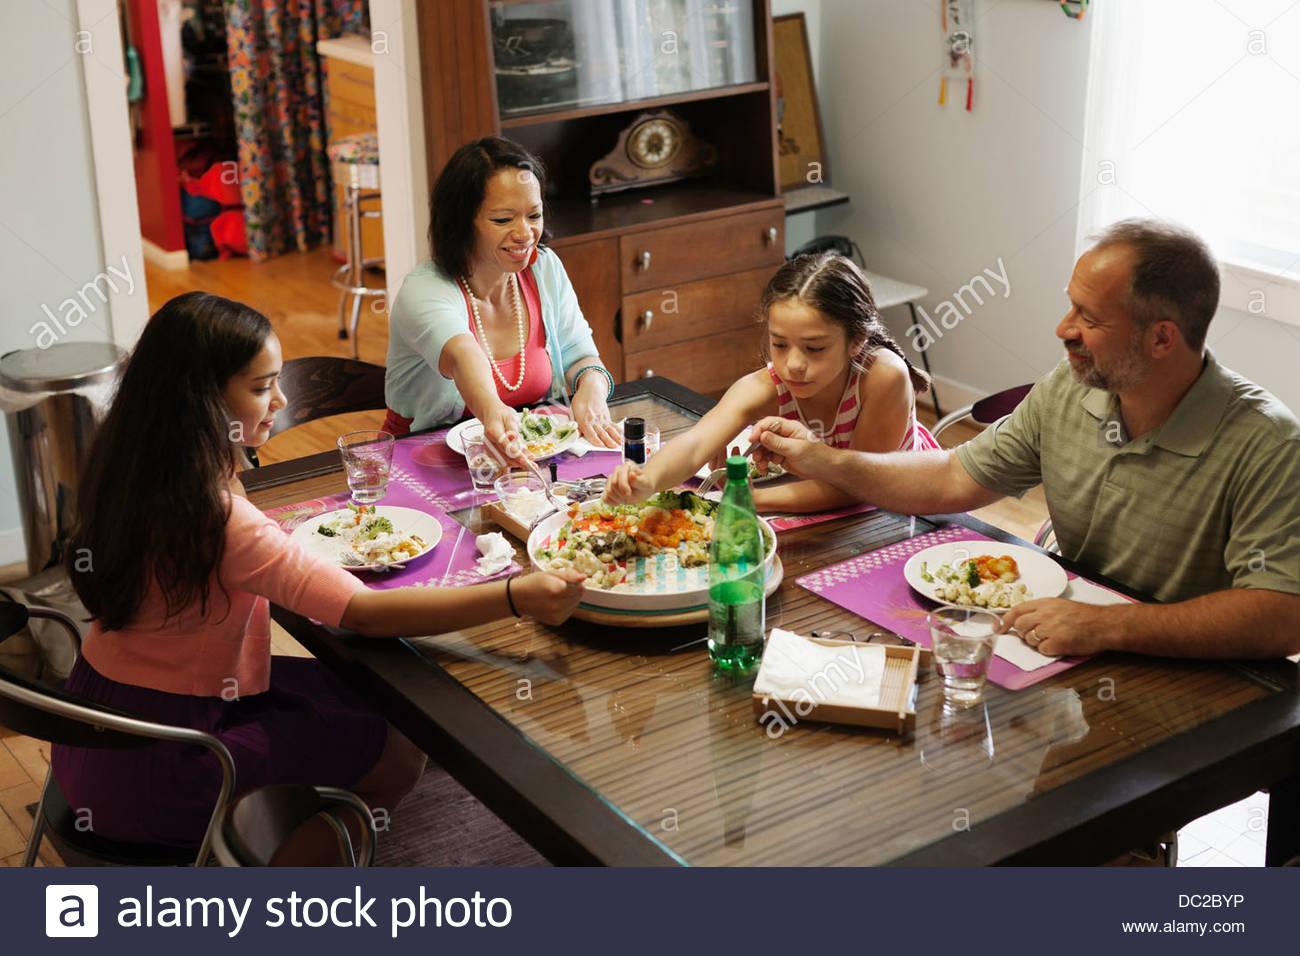 Famille ayant un repas ensemble Photo Stock